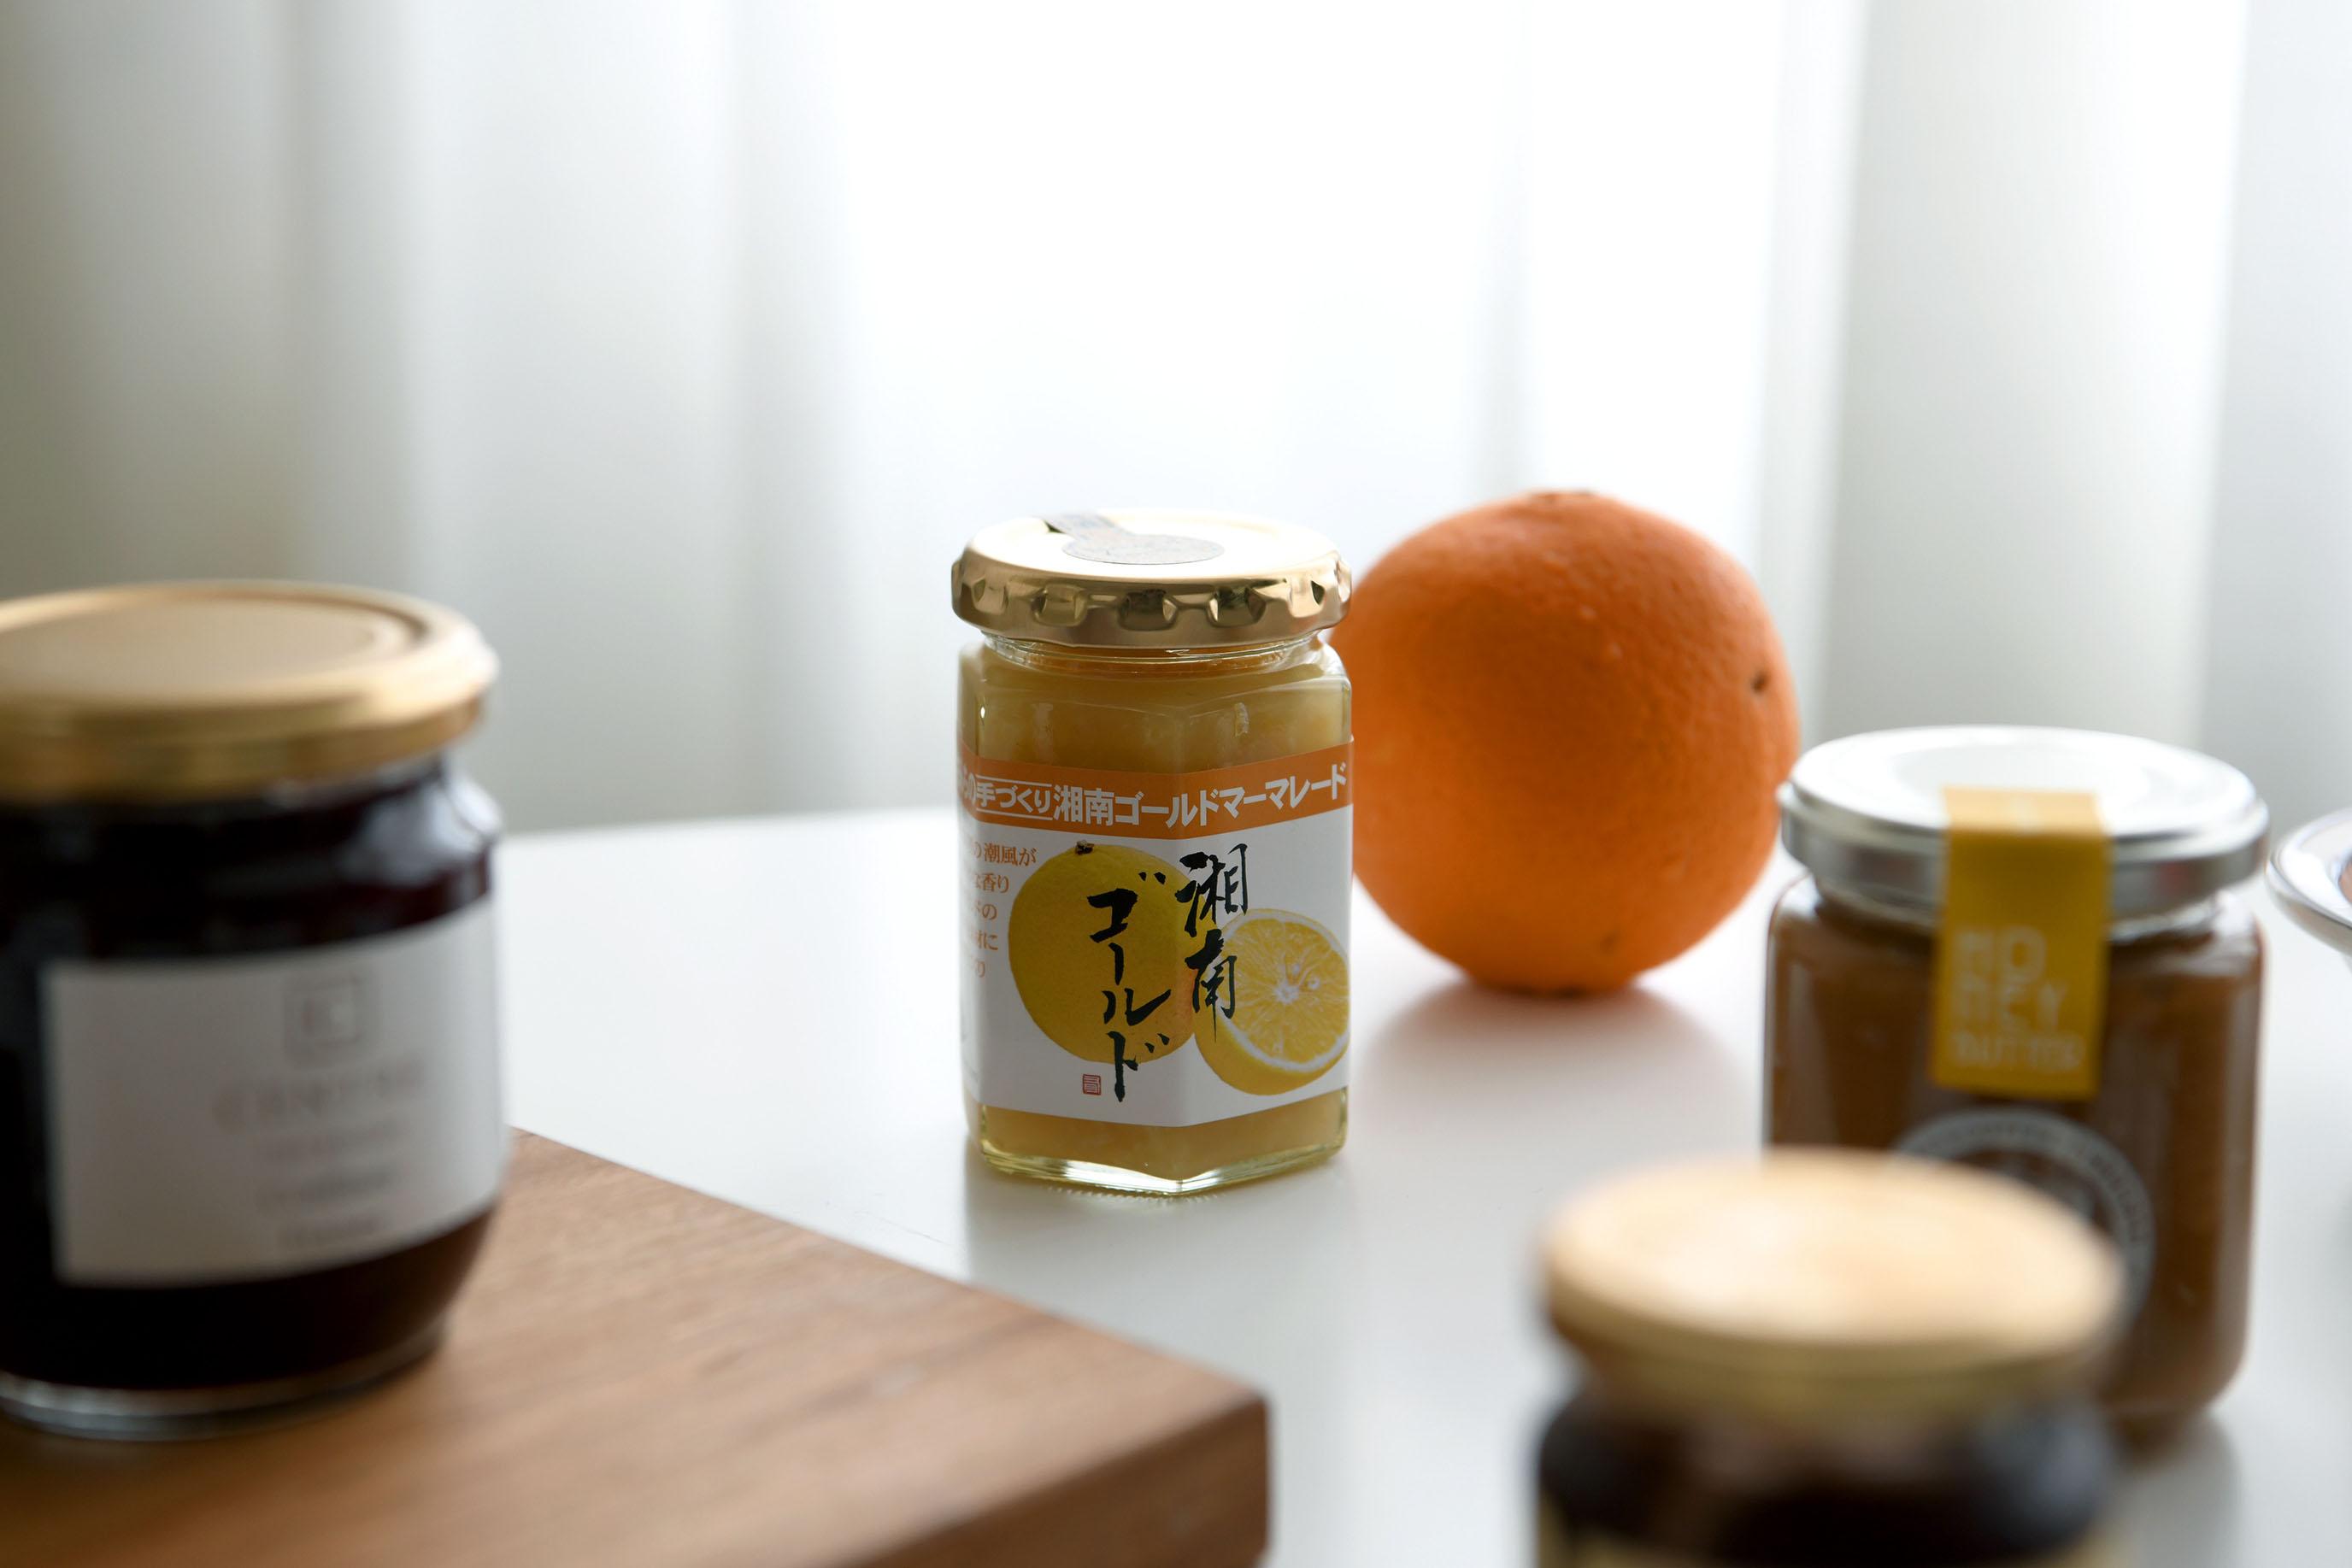 Nikura 果醬